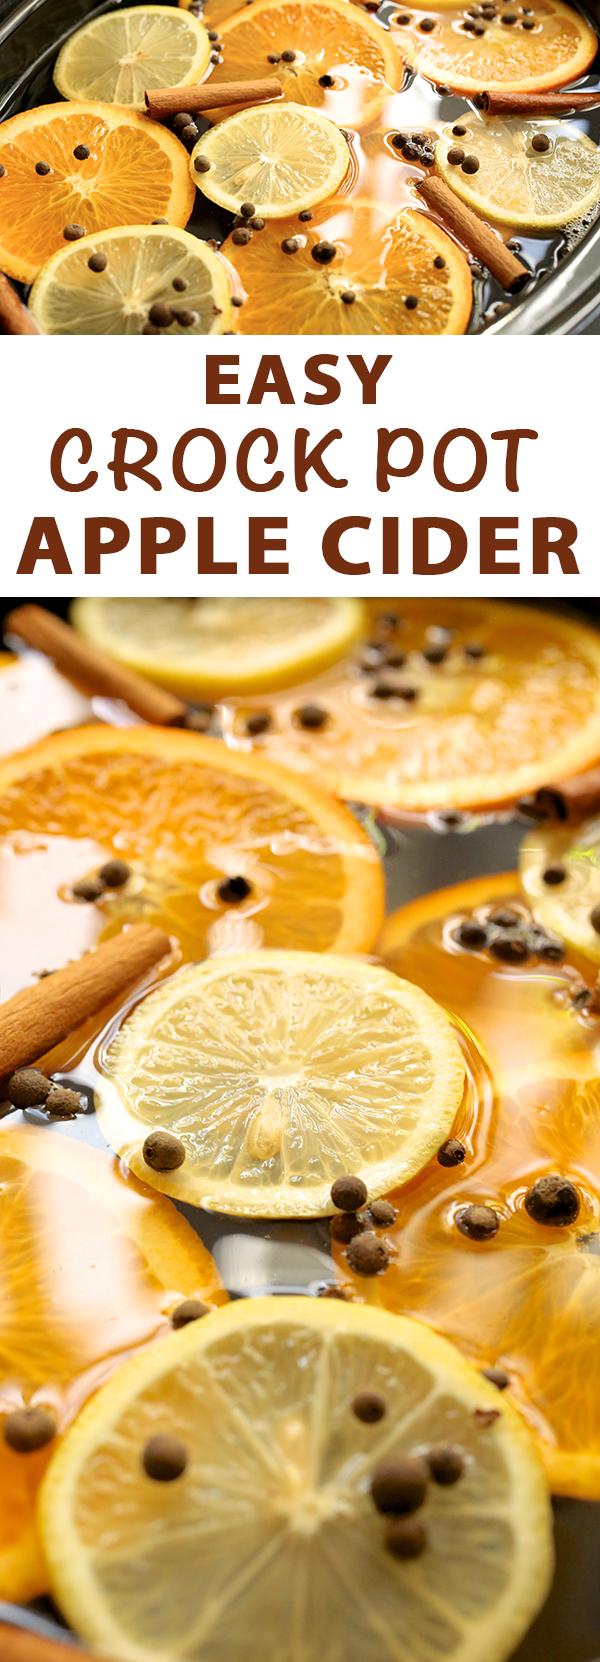 Easy Crock Pot Apple Cider